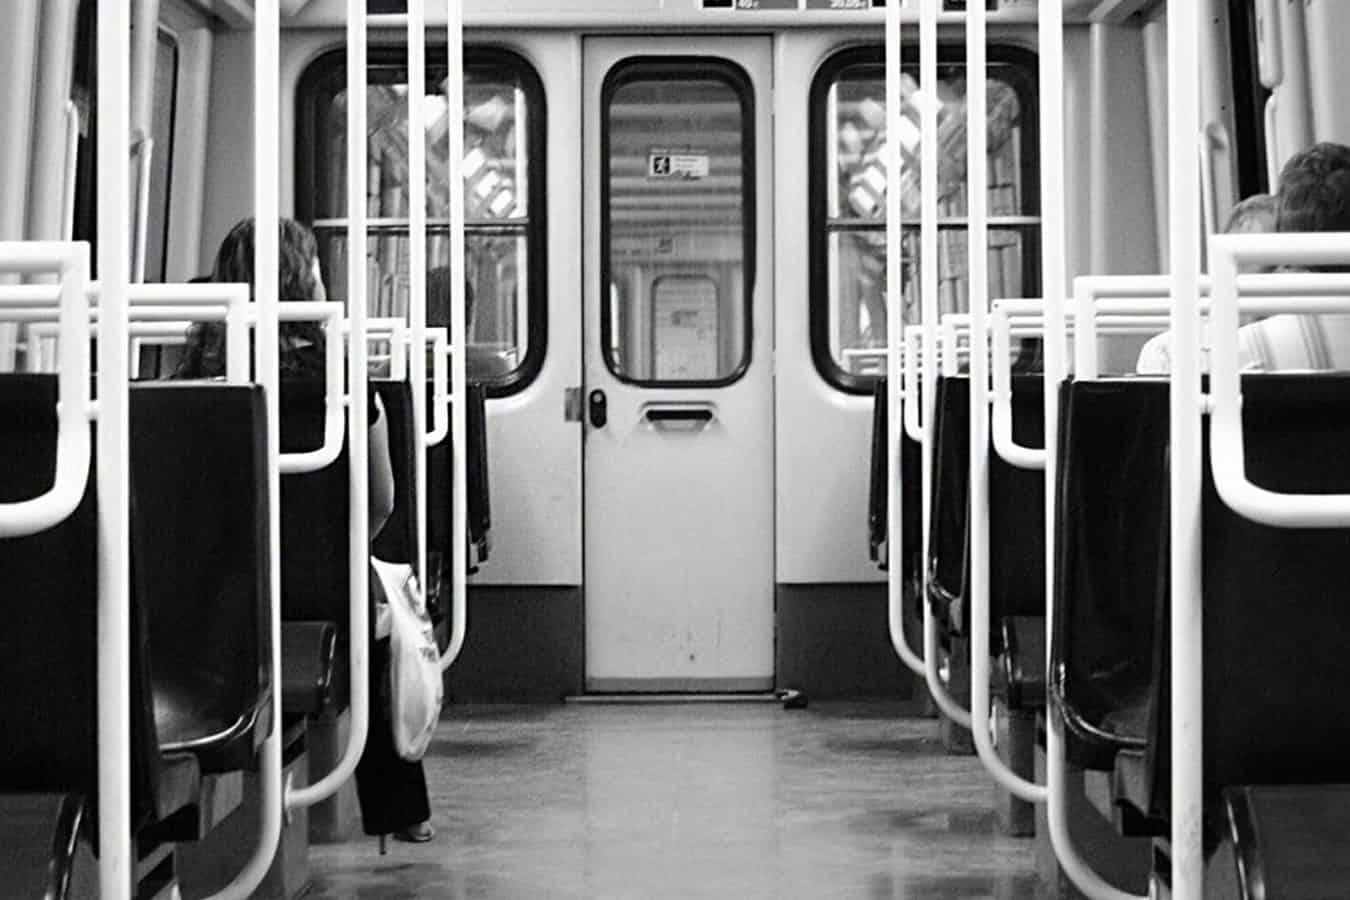 municipal transit